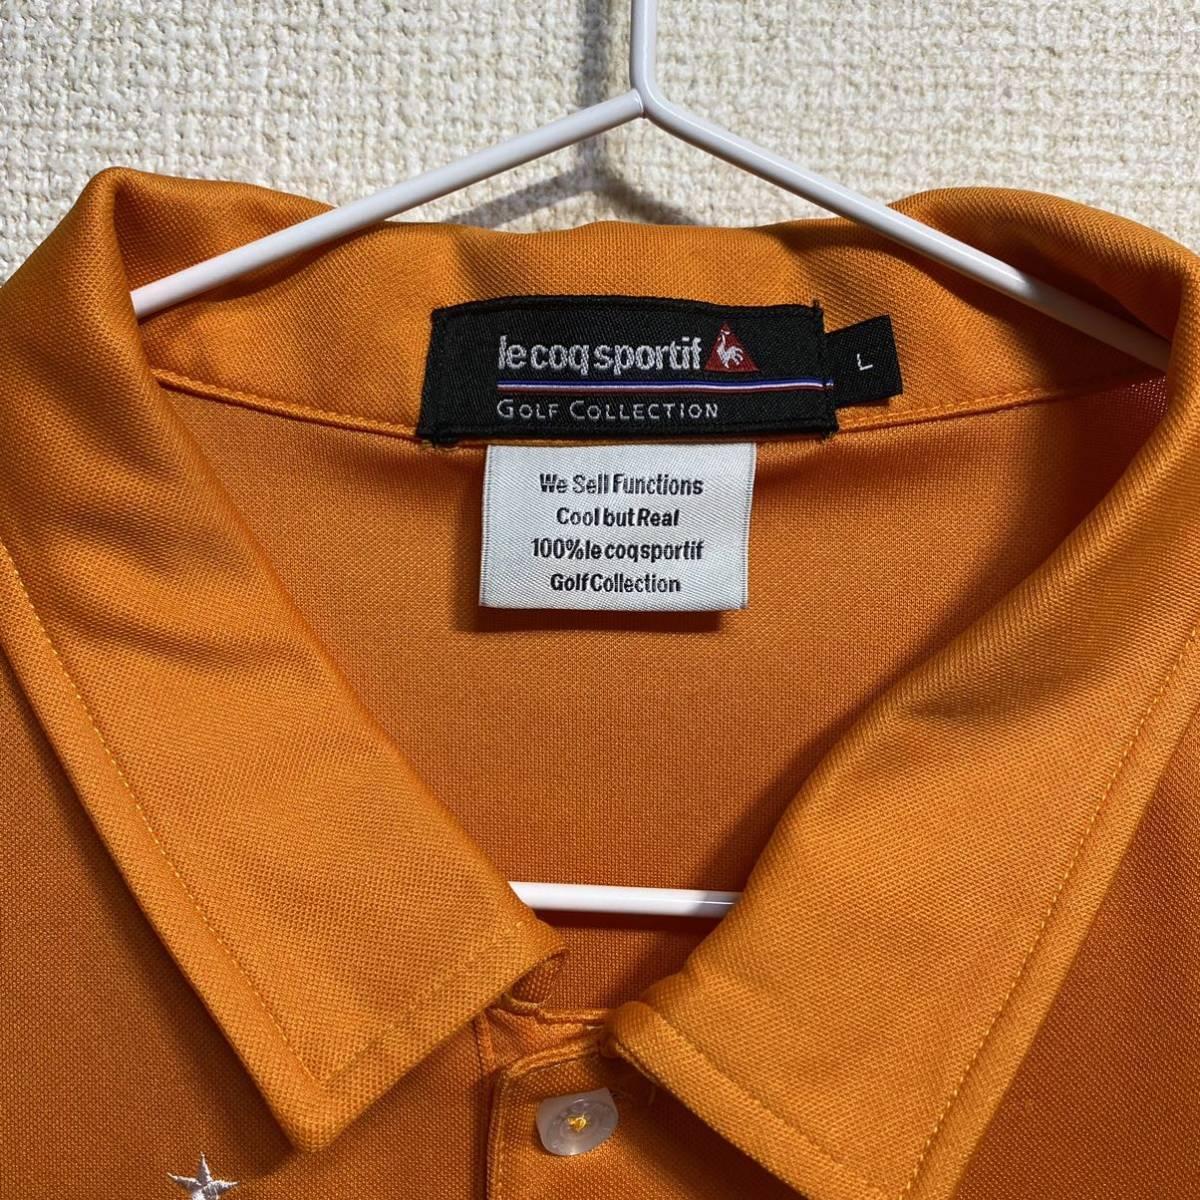 le coq sportif Golf ルコック ゴルフ 半袖ポロシャツ オレンジ メンズ L 迅速発送 送料無料!_画像3